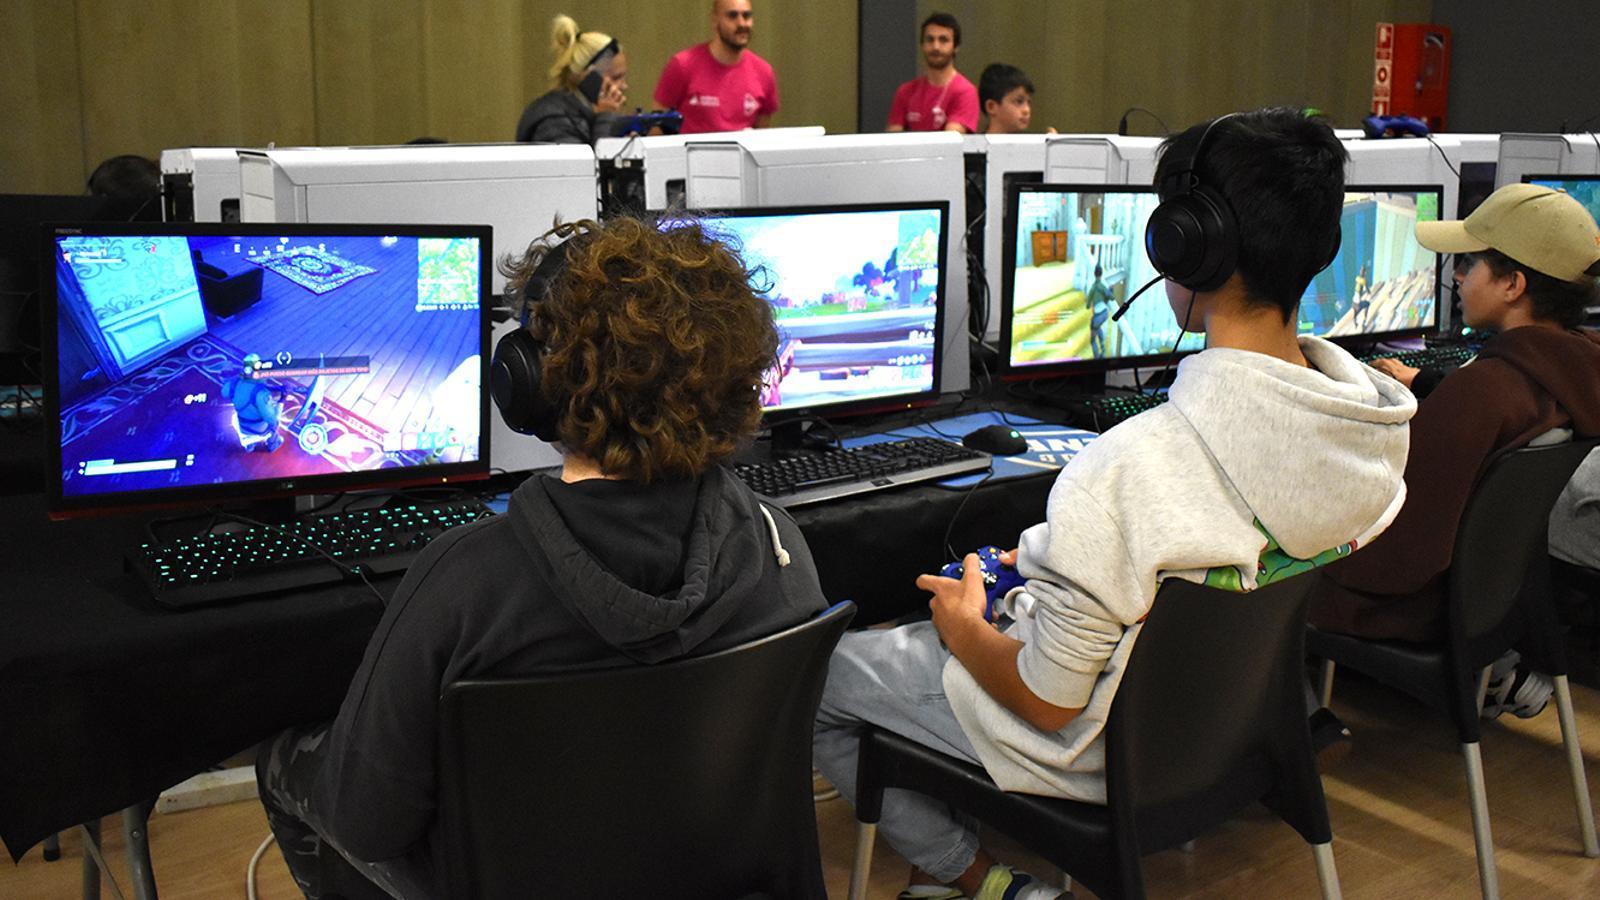 Jugadors al Saló del videojoc. / M. F. (ANA)